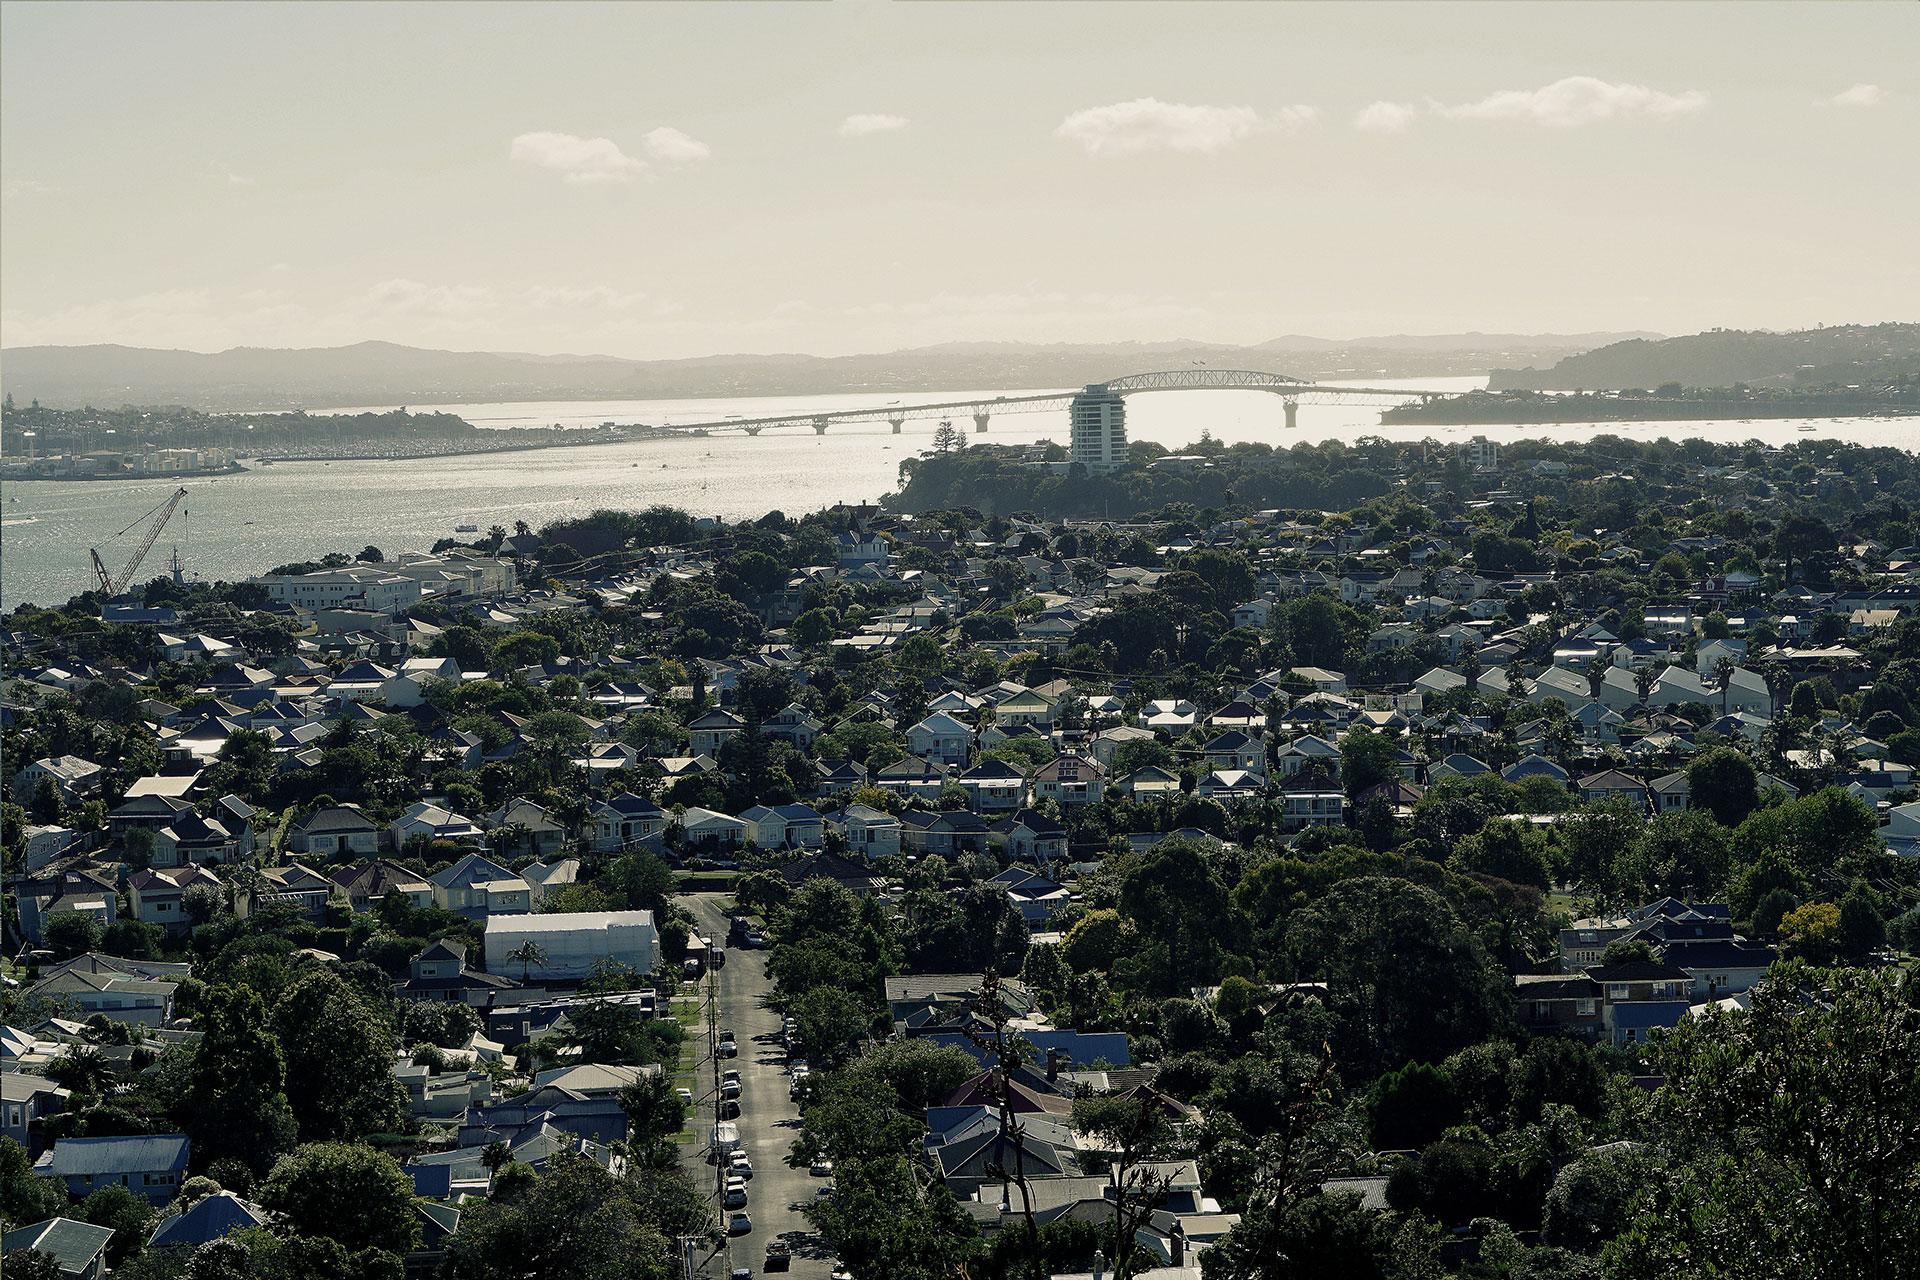 Vikkipedia-Staycation-Auckland-2-Blak-Frilly-Img15-3x2.jpg